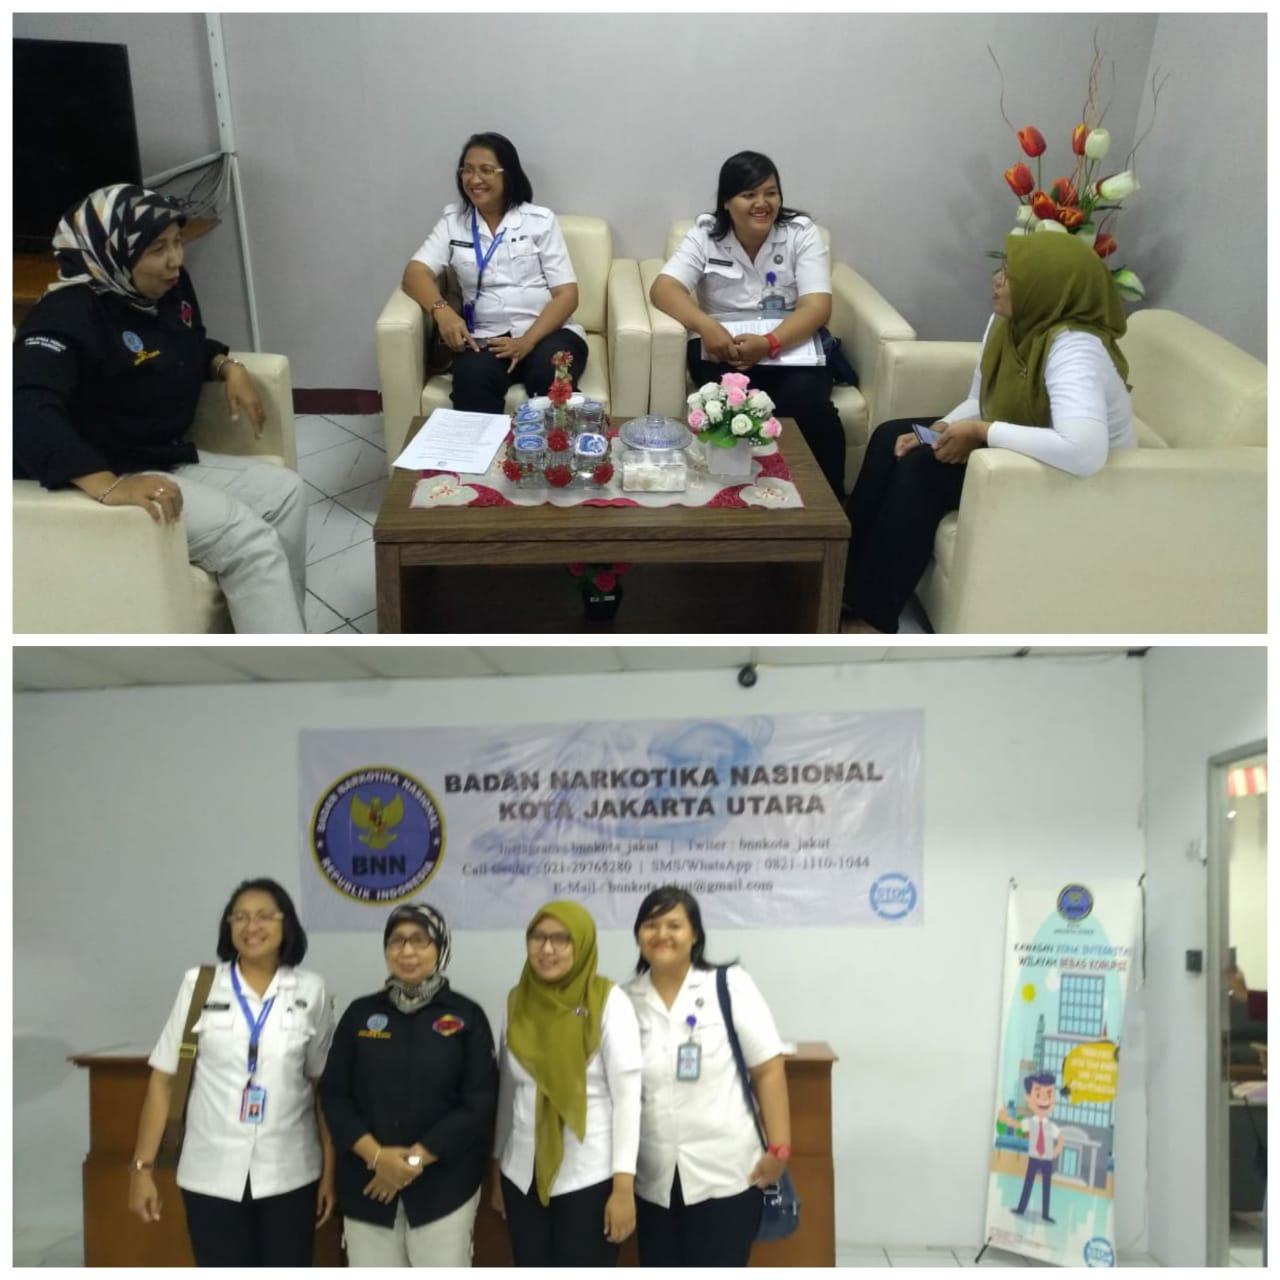 Koordinasi dalam Rangka Pelaksanaan Advokasi di BNNK Jakarta Utara